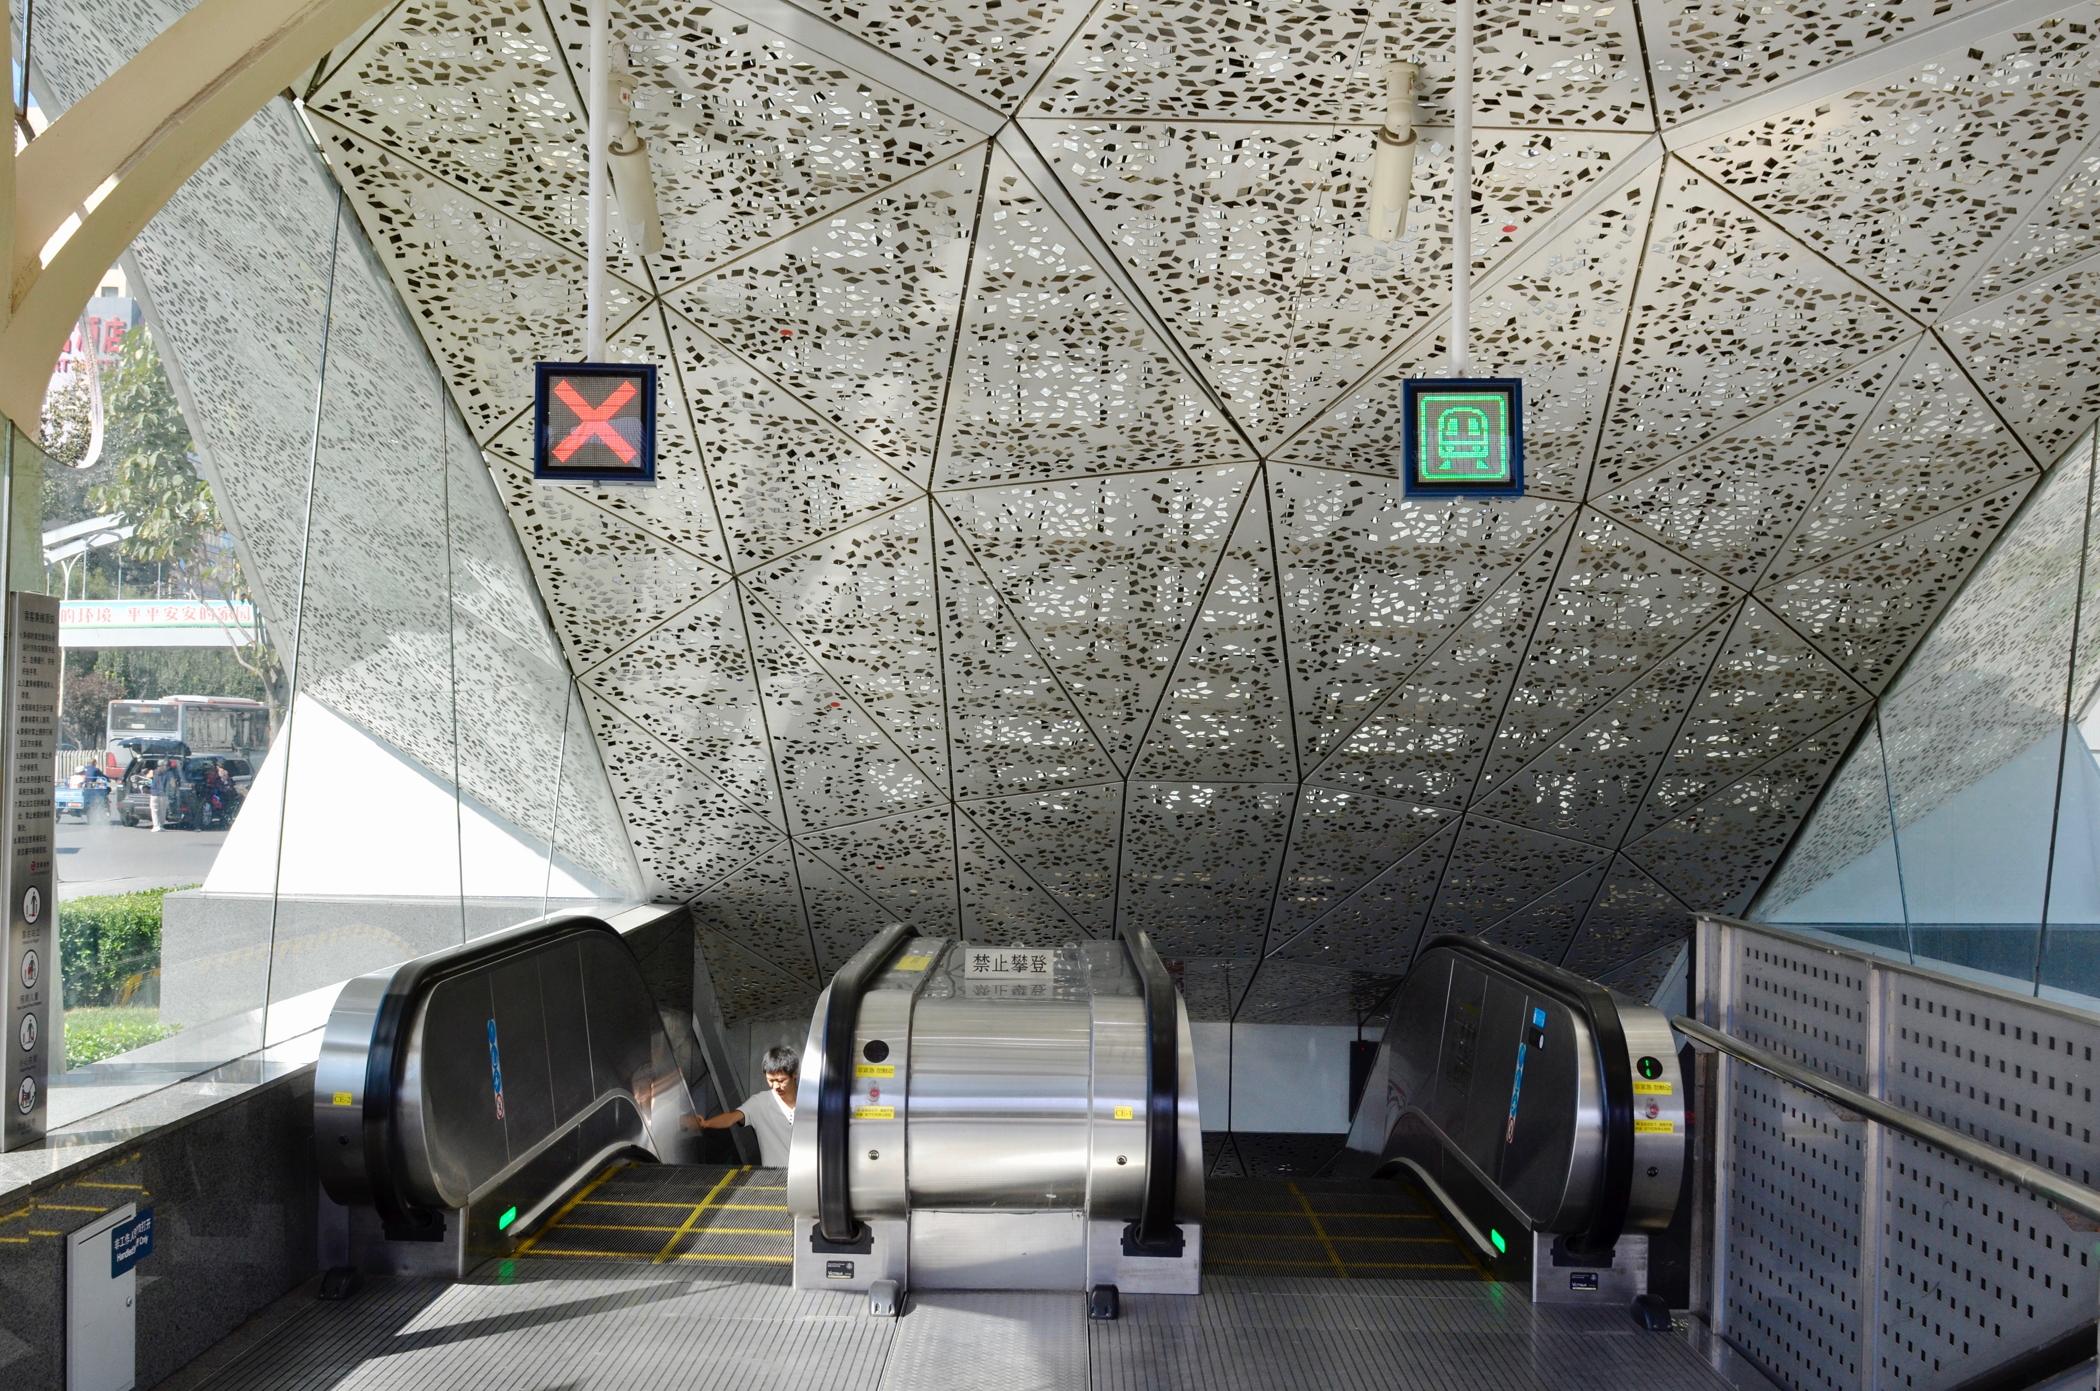 Modern-Beijing-Sehenswuerdigkeiten-Subway-Ubahn